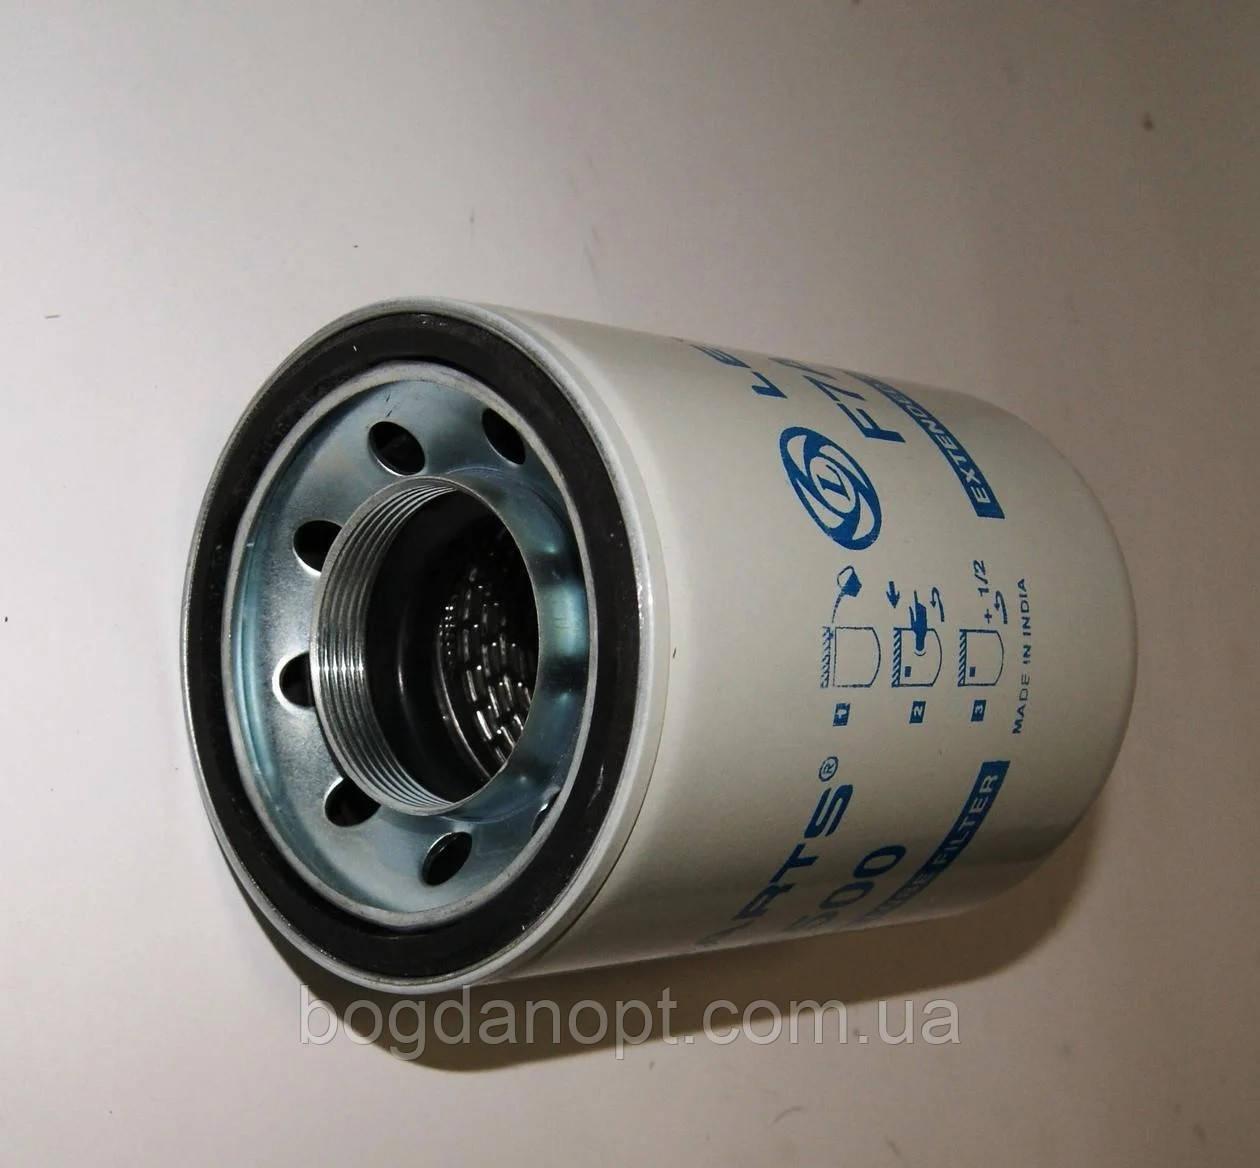 Фильтр масляный ASHOK LEILAND Е-4, Е-5.  F7A05000/ F7A01500